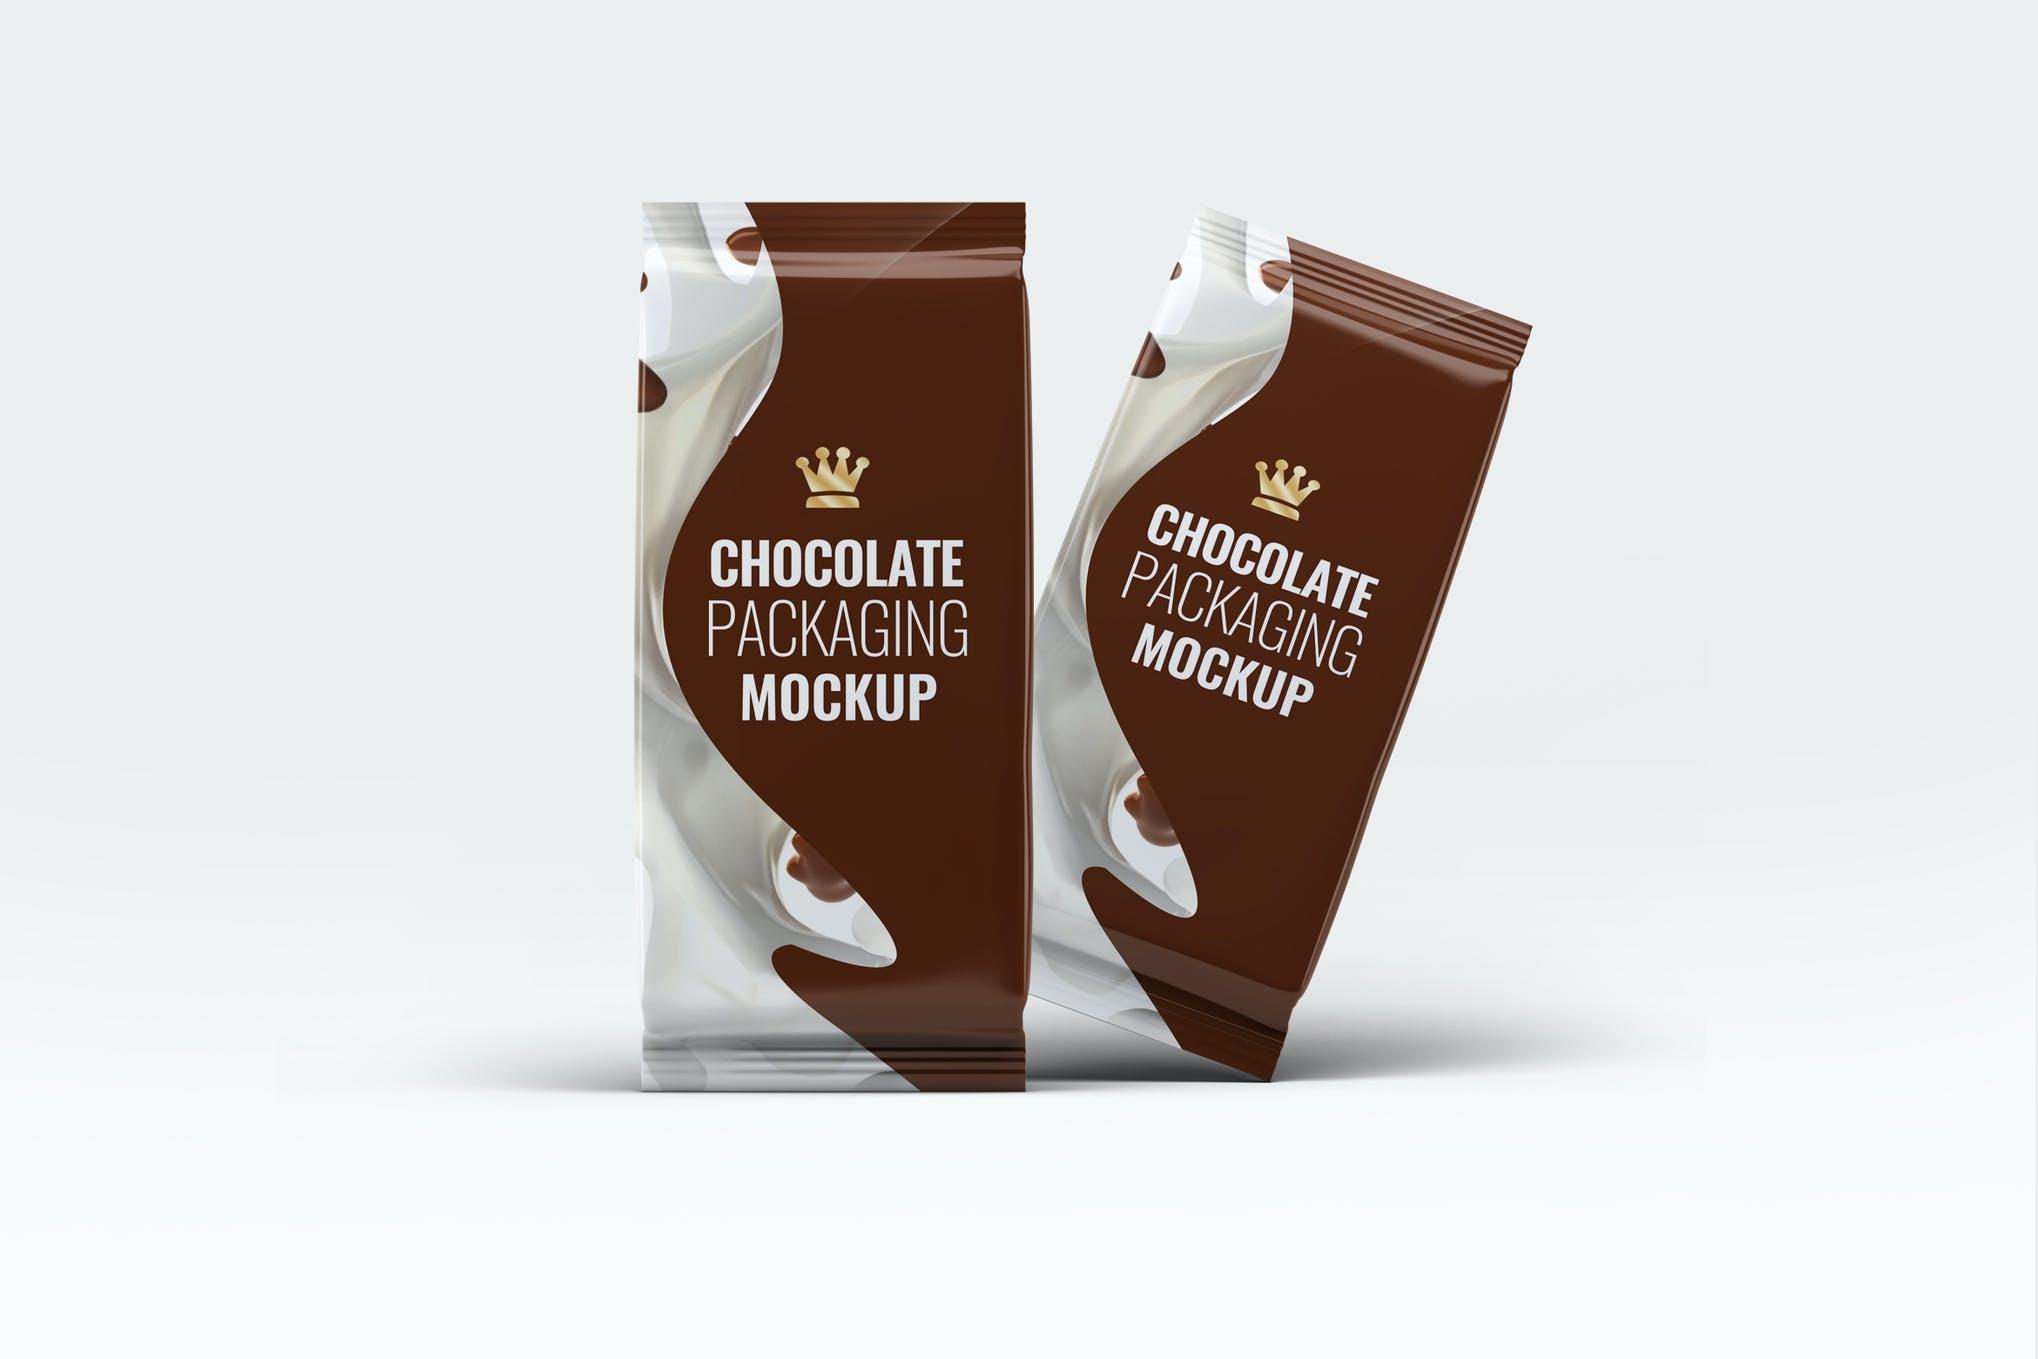 咖啡巧克力包装袋样机效果图插图(1)